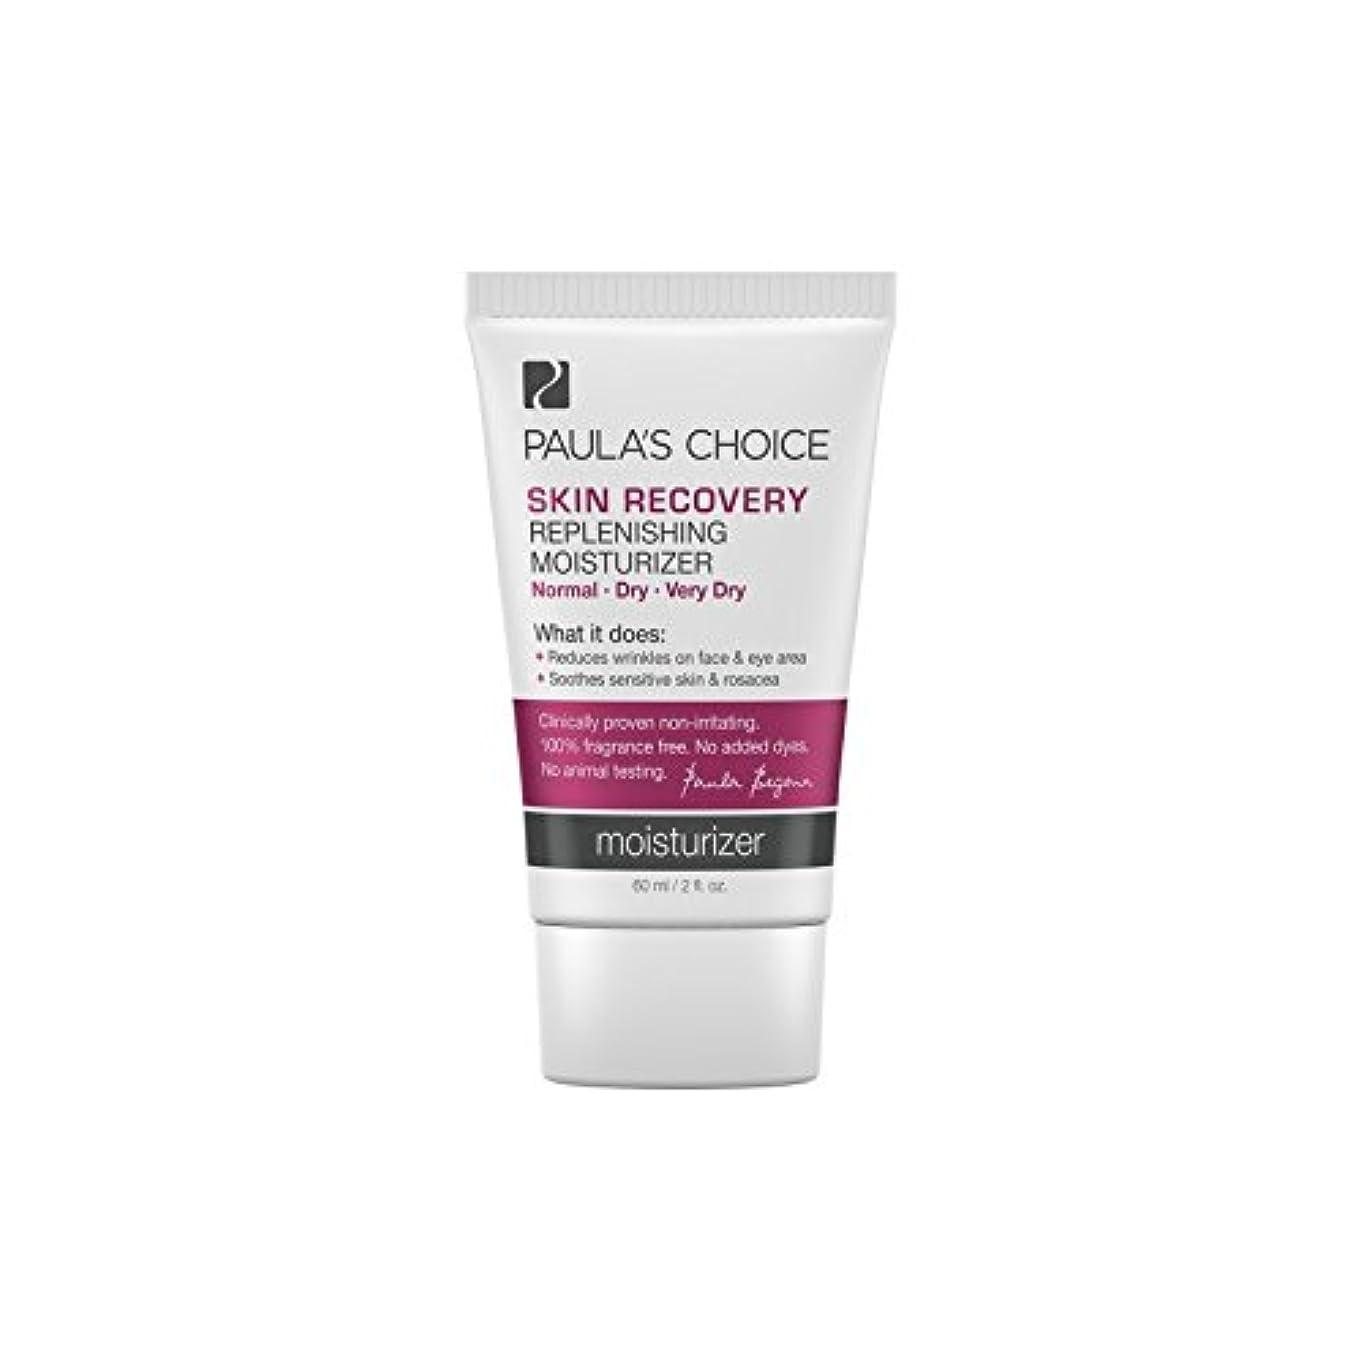 責め恐ろしいです花弁Paula's Choice Skin Recovery Replenishing Moisturizer (60ml) (Pack of 6) - ポーラチョイスの肌の回復補充保湿(60ミリリットル) x6 [並行輸入品]